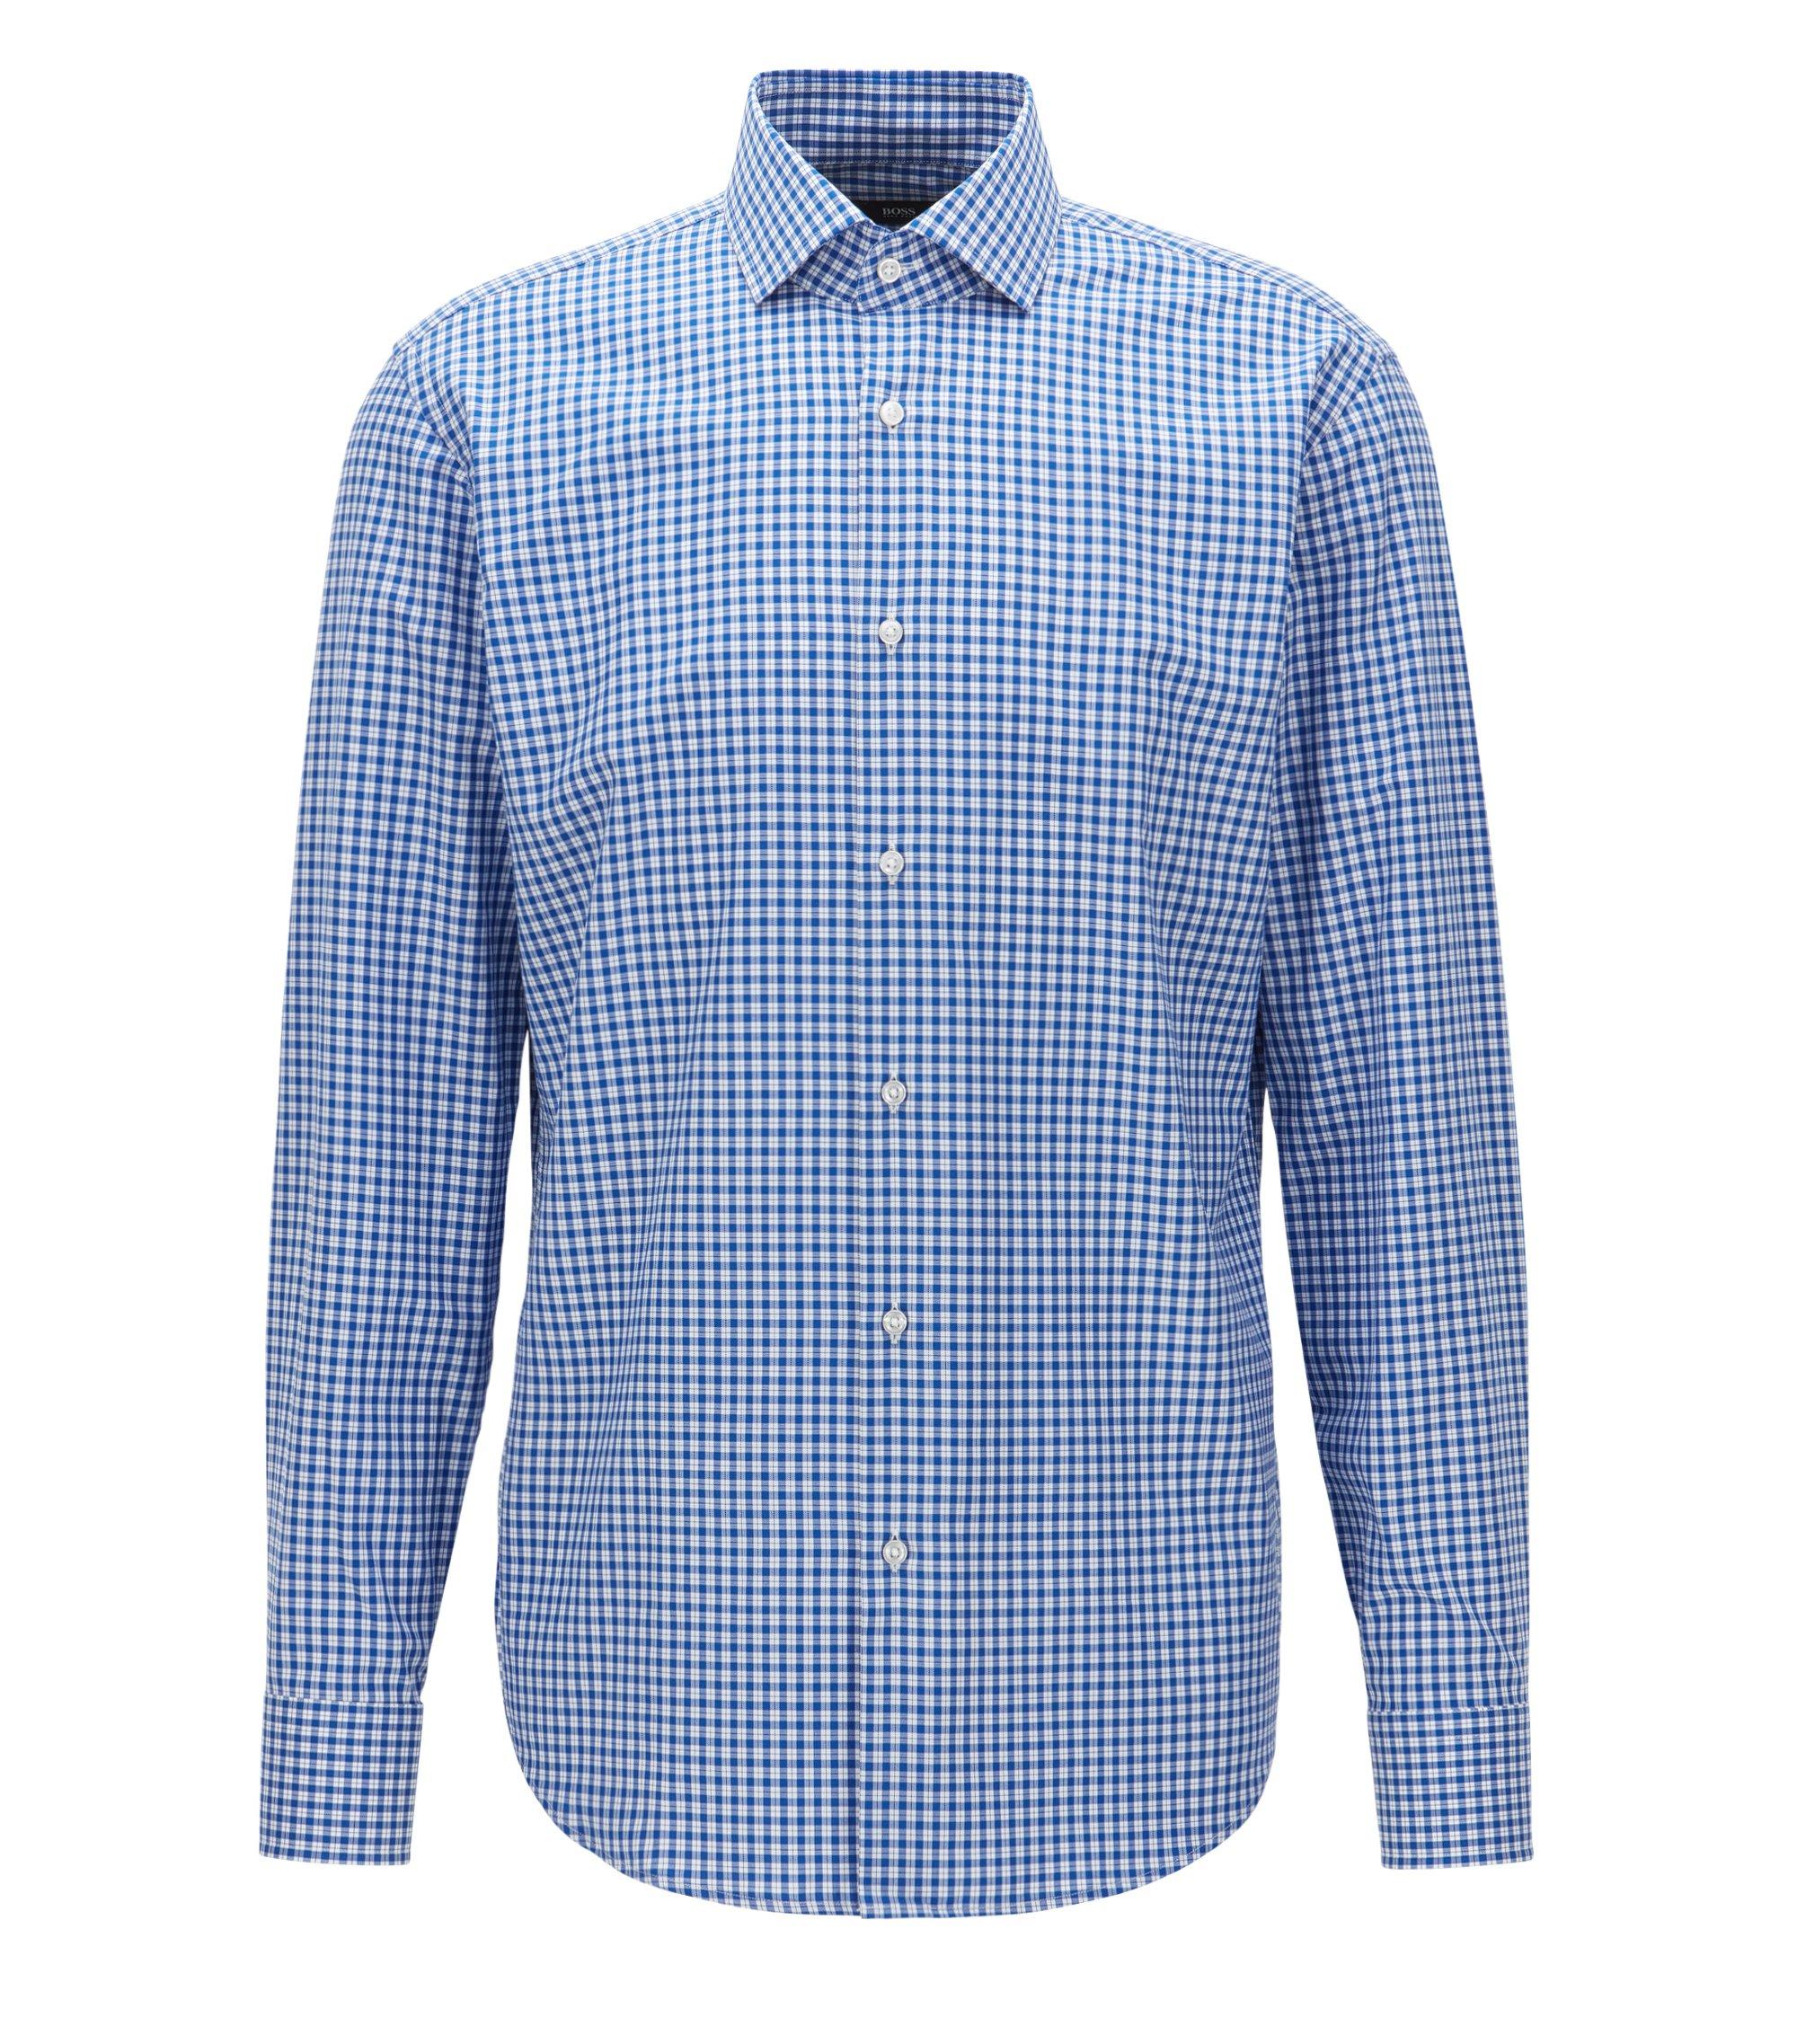 Houndstooth Check Cotton Dress Shirt, Regular Fit | Gordon, Blue